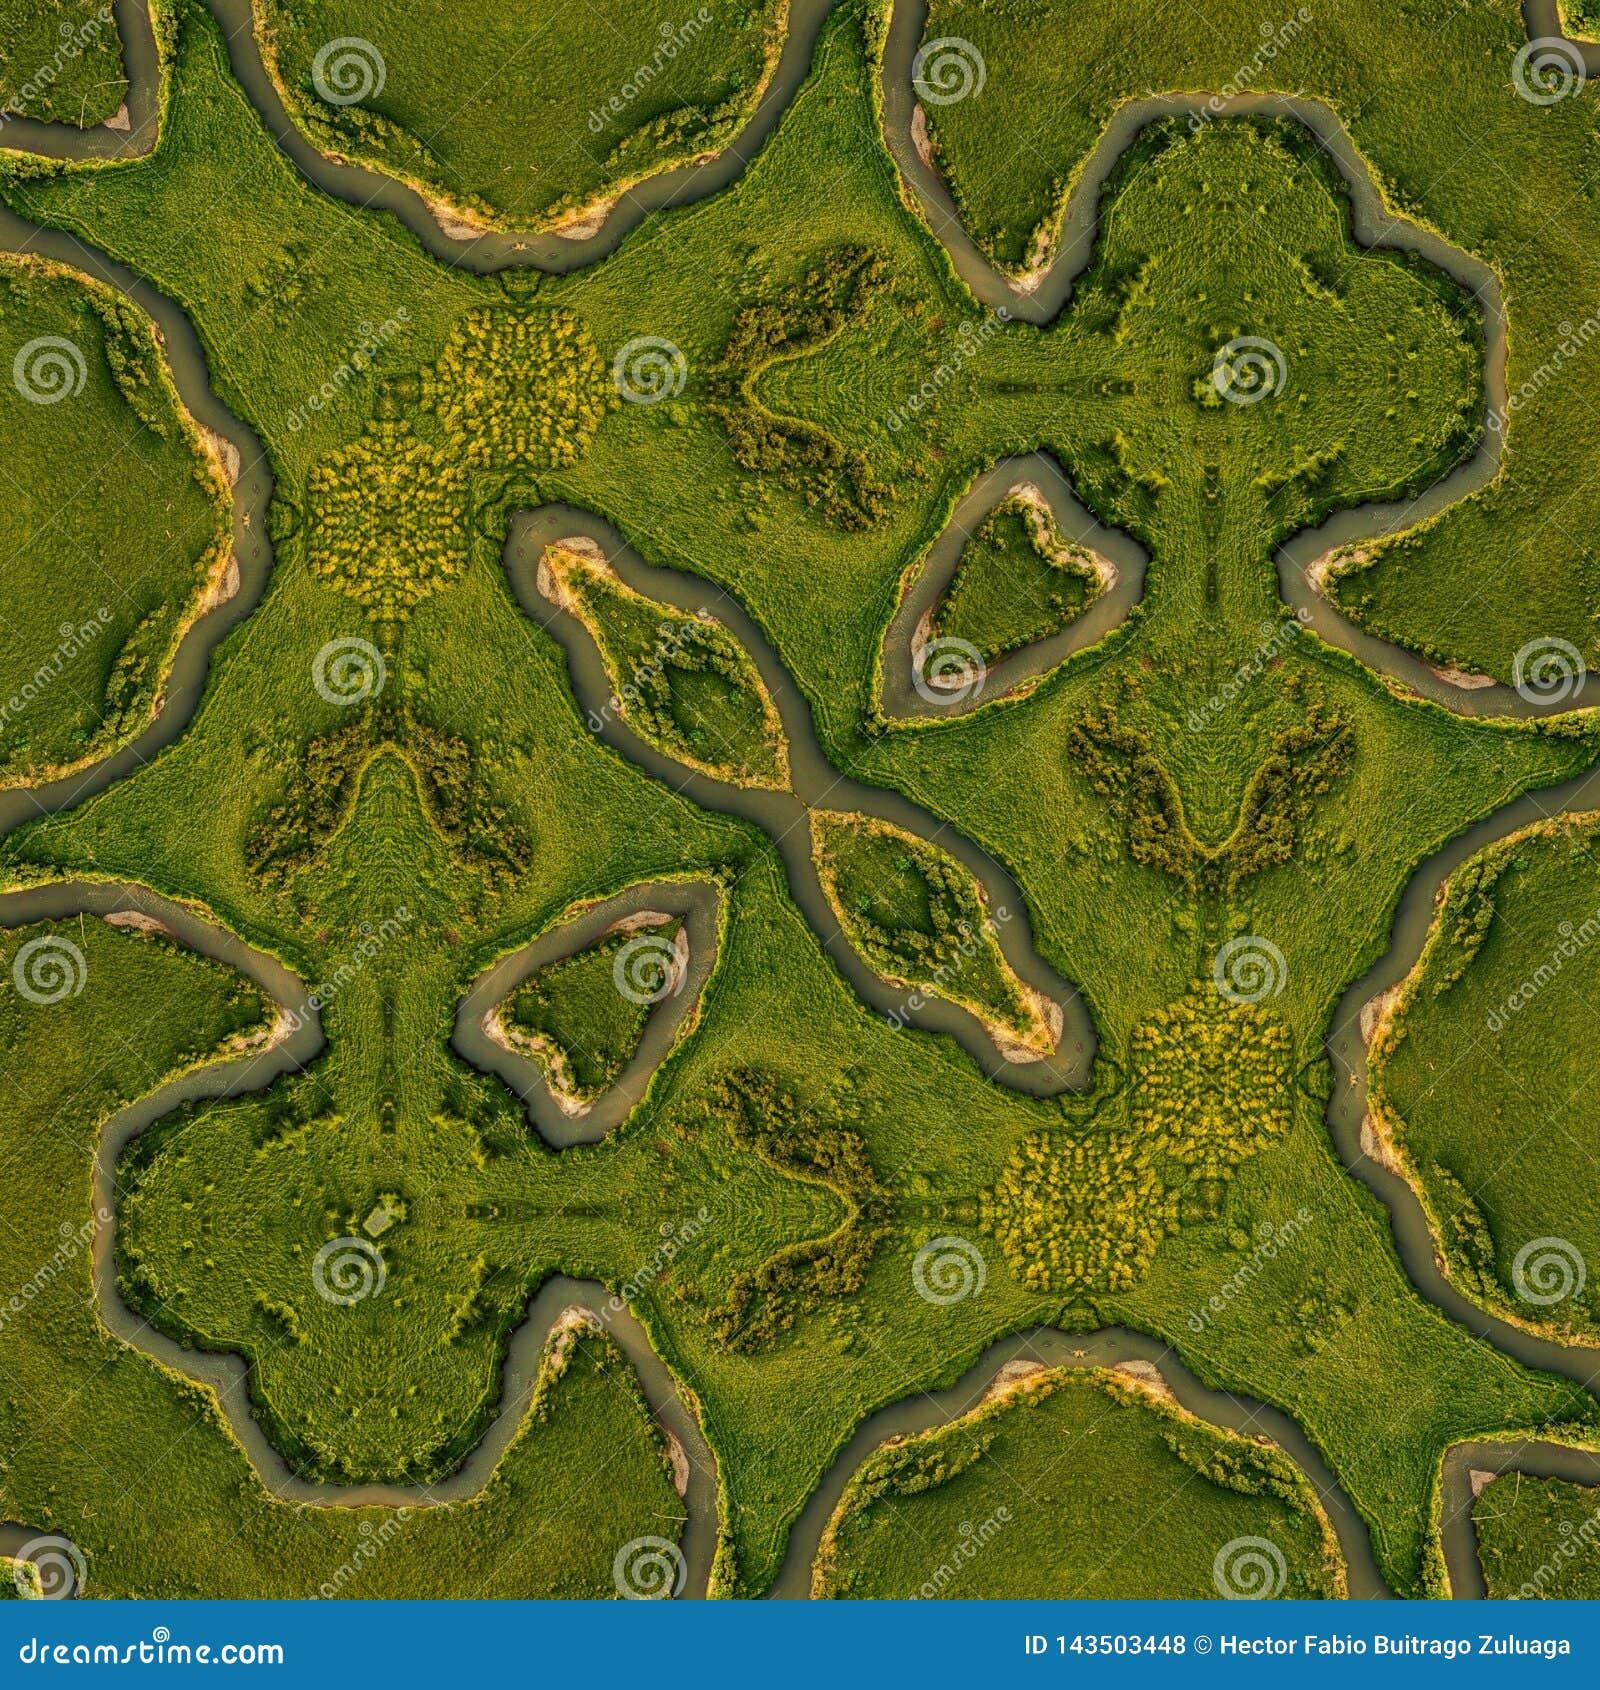 Muitas curvas neste rio Colômbia são originais